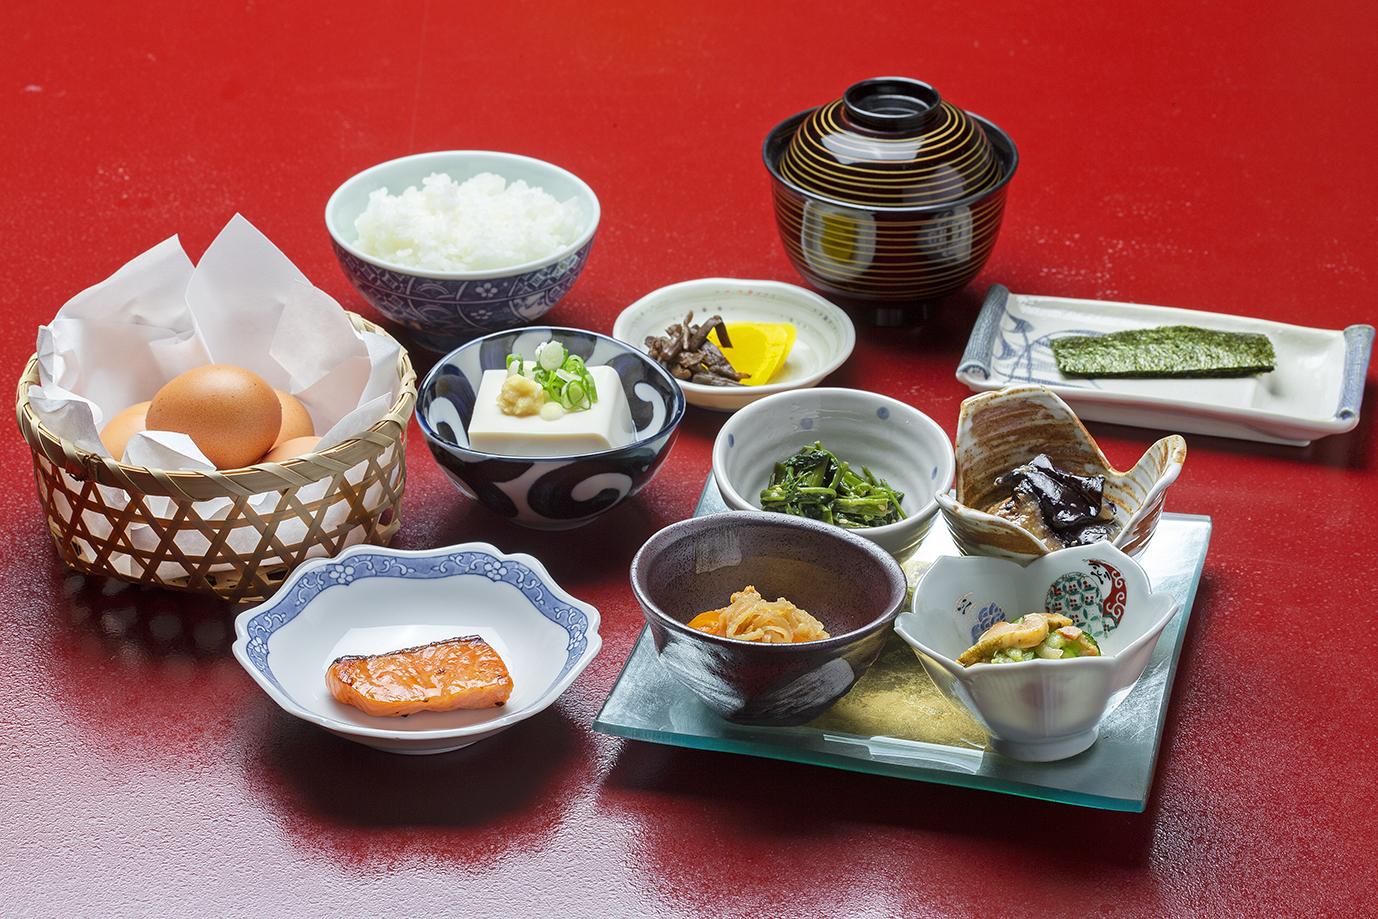 本館朝食:和食(990円税込)